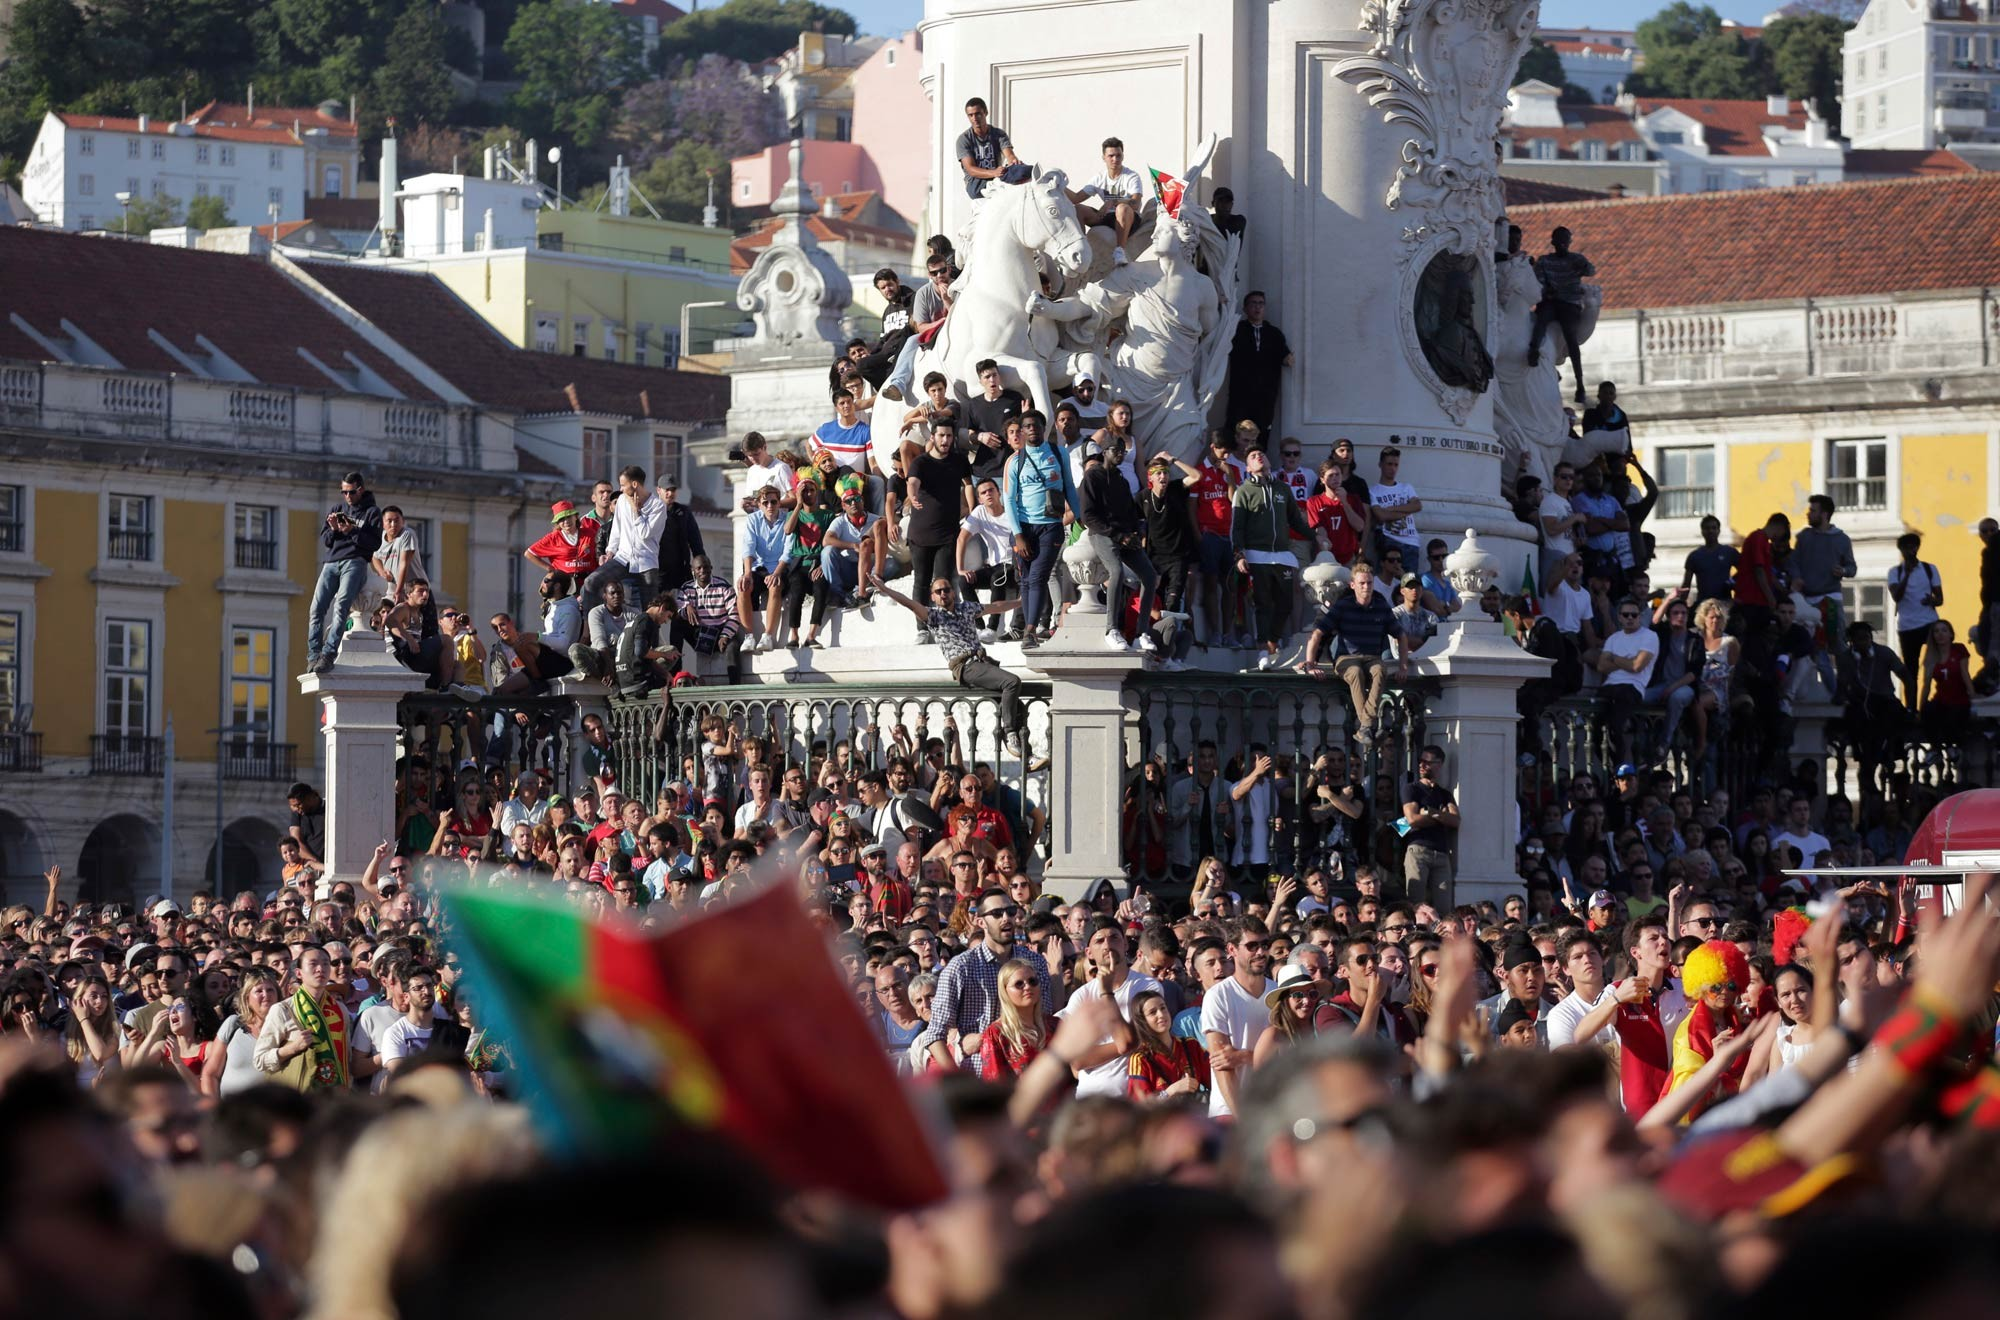 Por que os 'vistos dourados', muito visados por brasileiros, viraram centro de polêmica em Portugal